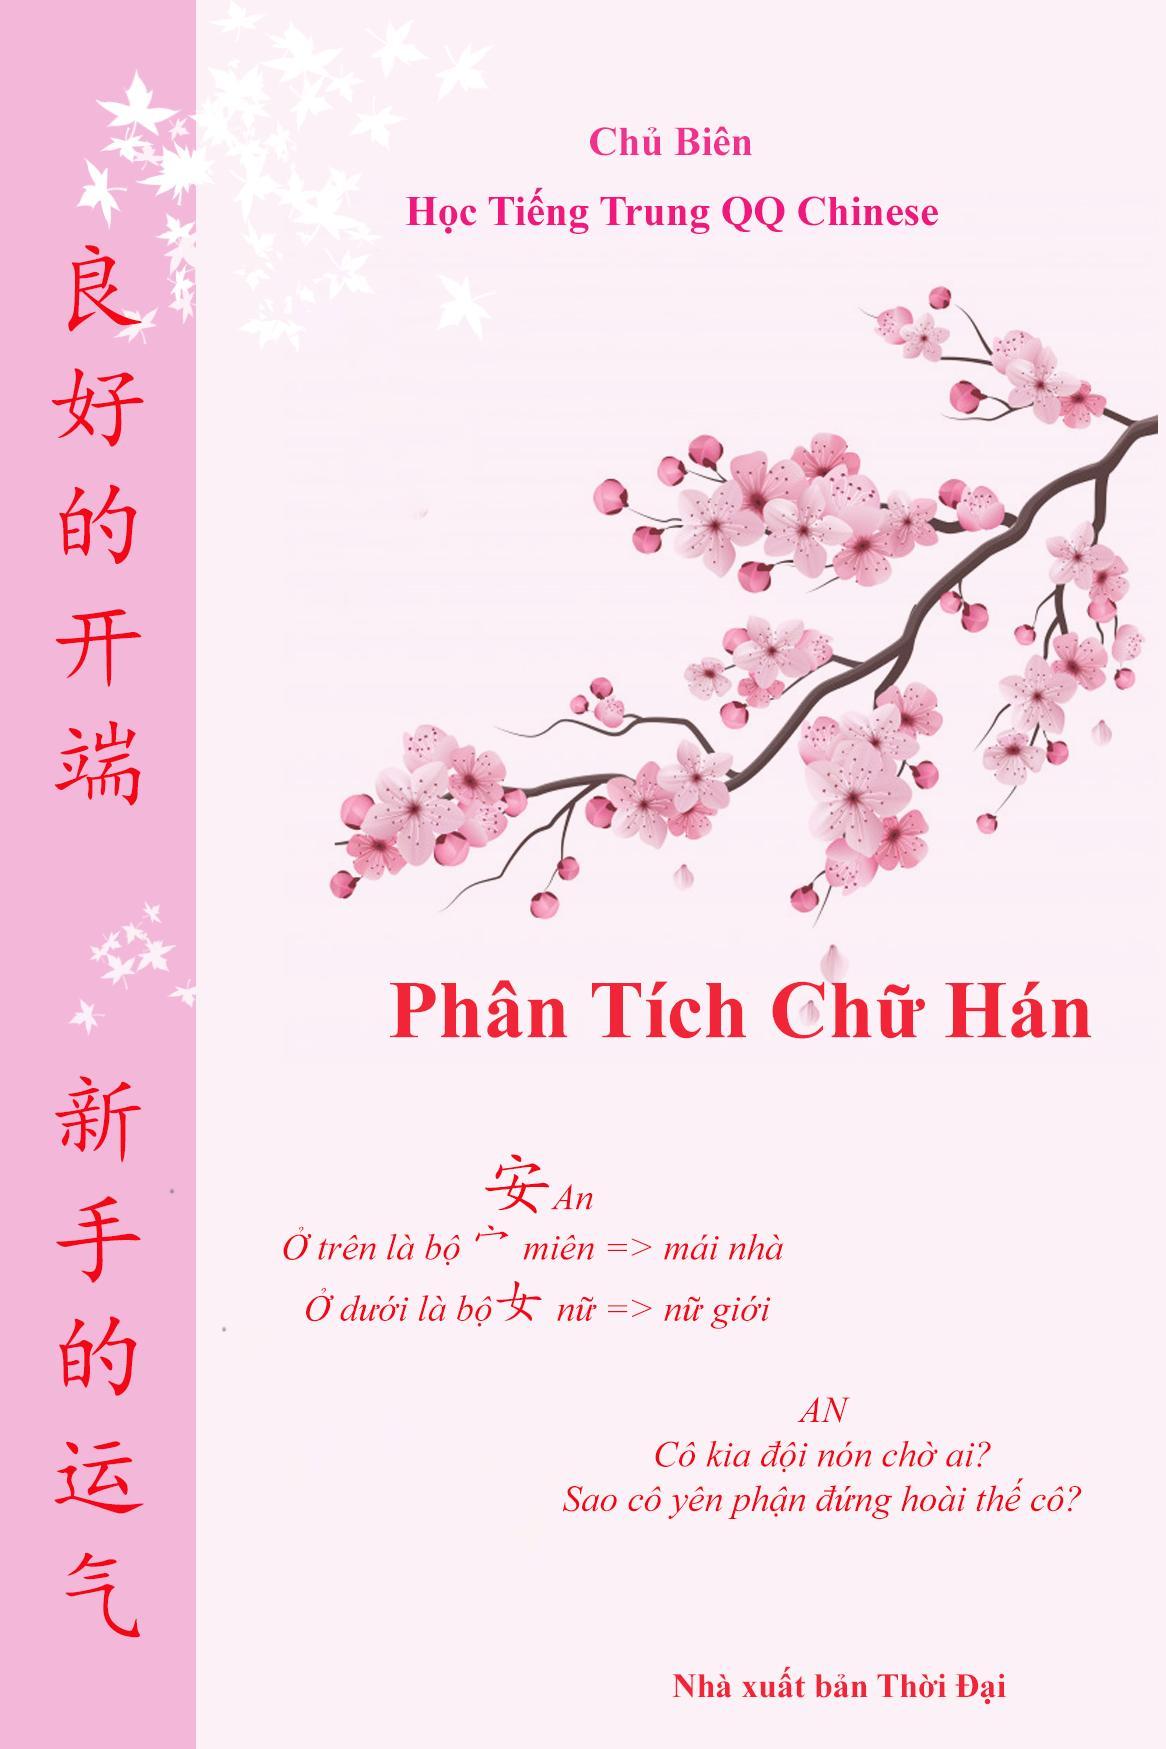 Tập viết chữ hán theo Giáo Trình Hán Ngữ - Phân tích chữ hán theo bộ thủ + Tặng 1 Bút lông thư pháp + mực tàu